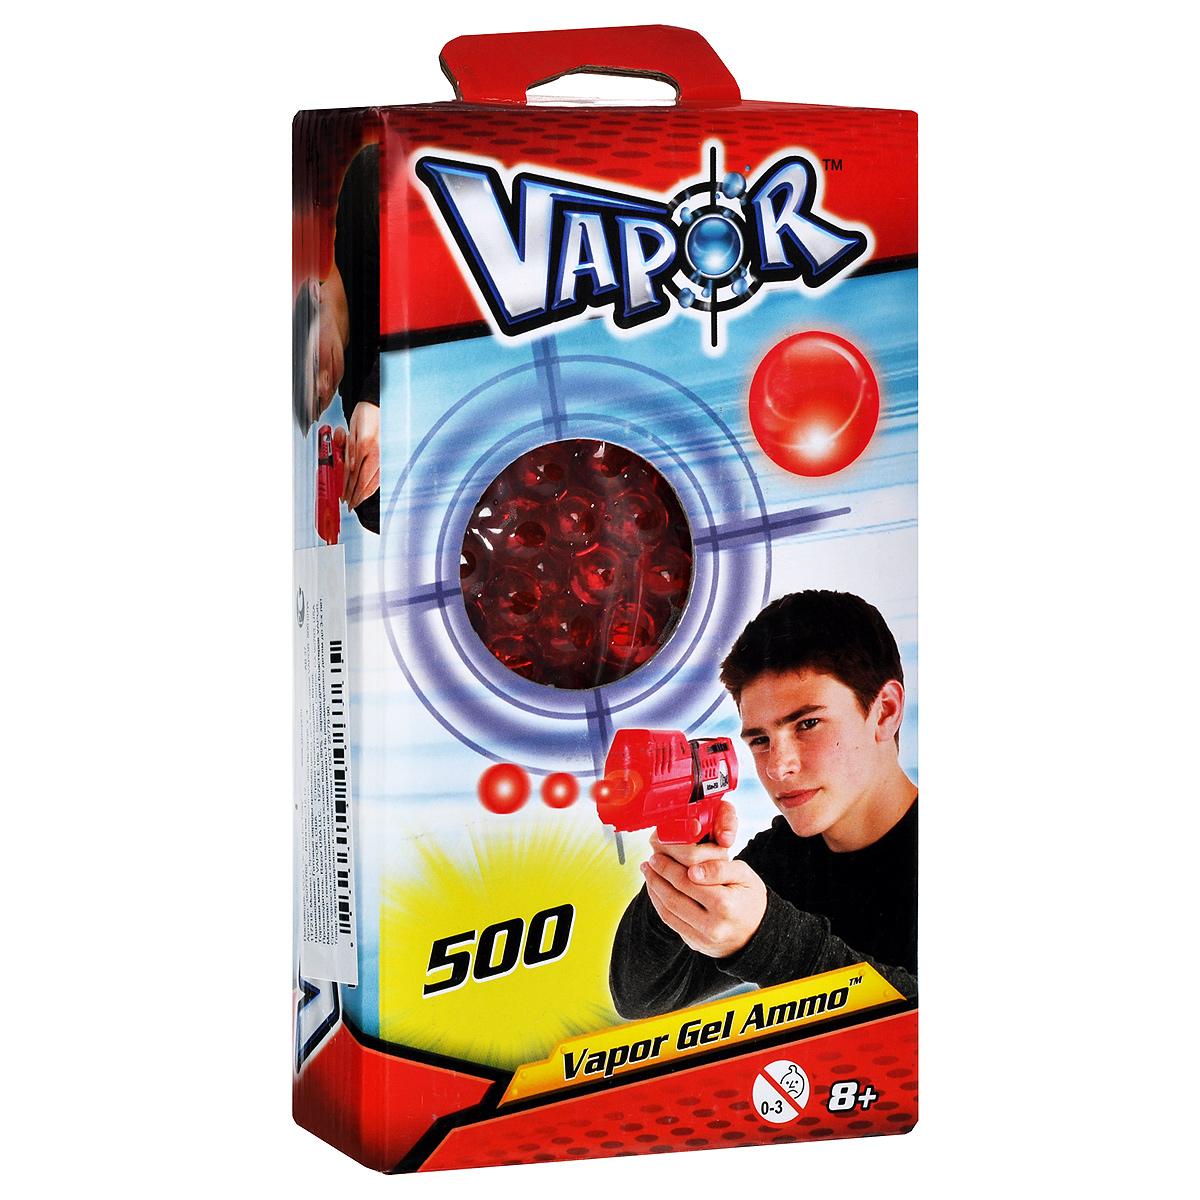 Пульки для бластеров Vapor, цвет: красный, 500 шт35073760Пульки Vapor - это готовые заряды, которые подходят для бластеров Vapor . Пульки представляют собой гелевые шарики, состоящие из воды и полимера. При попадании они безобидно отскакивают от предметов или рассыпаются на частички, не нанося никакого вреда и не оставляя мокрых пятен. В комплект входят 500 пулек красного цвета.